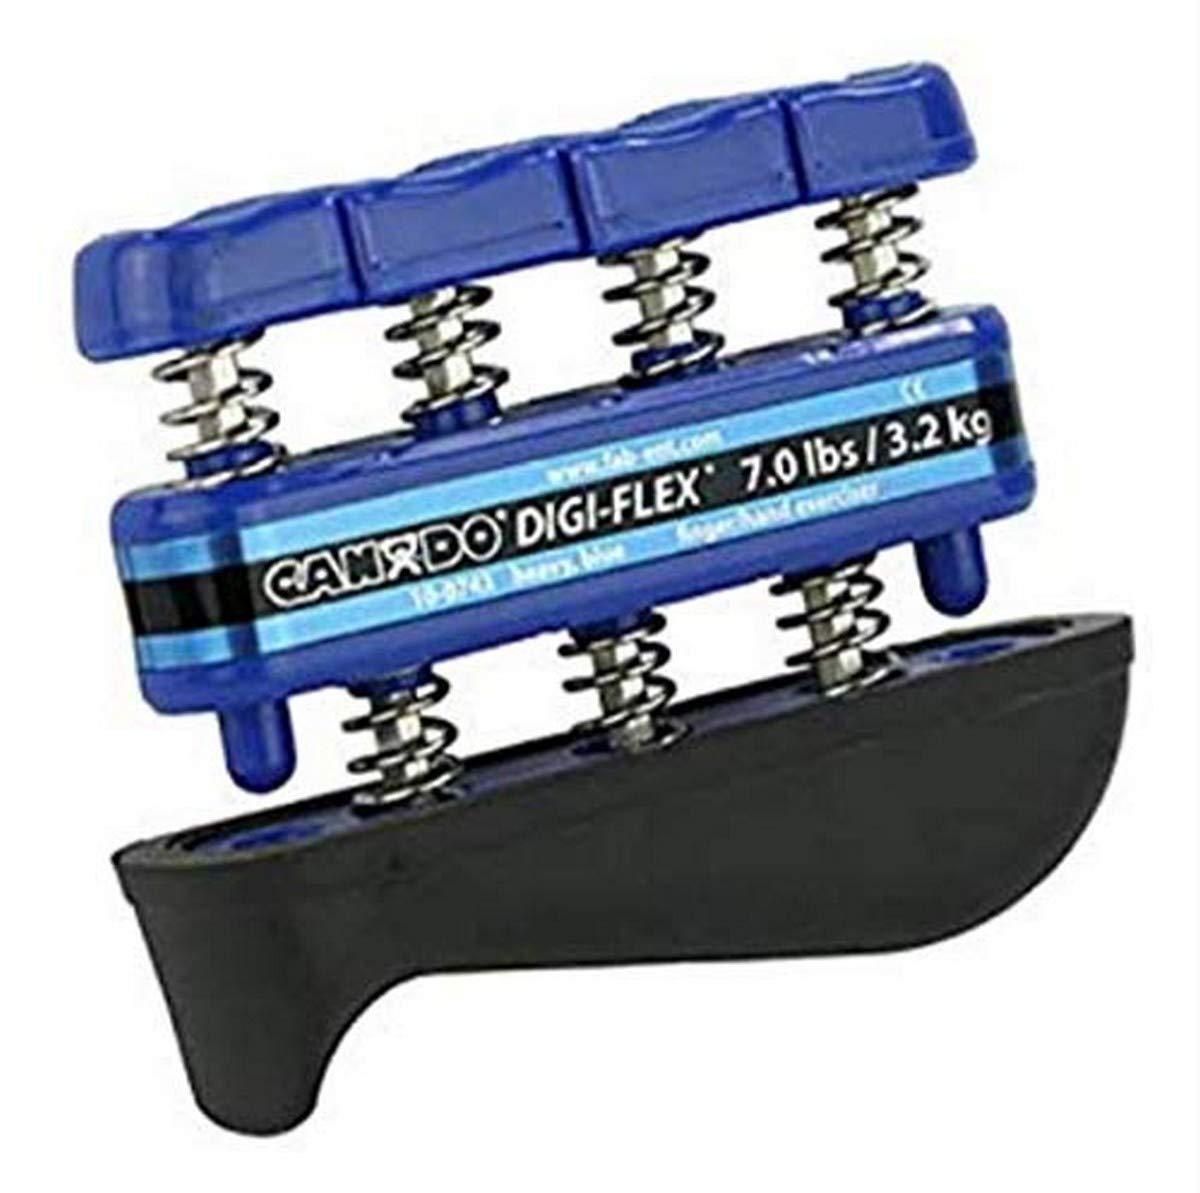 Cando-82338 CanDo Digi-Flex Blue lbs. Max 88% OFF 7.0 Super popular specialty store